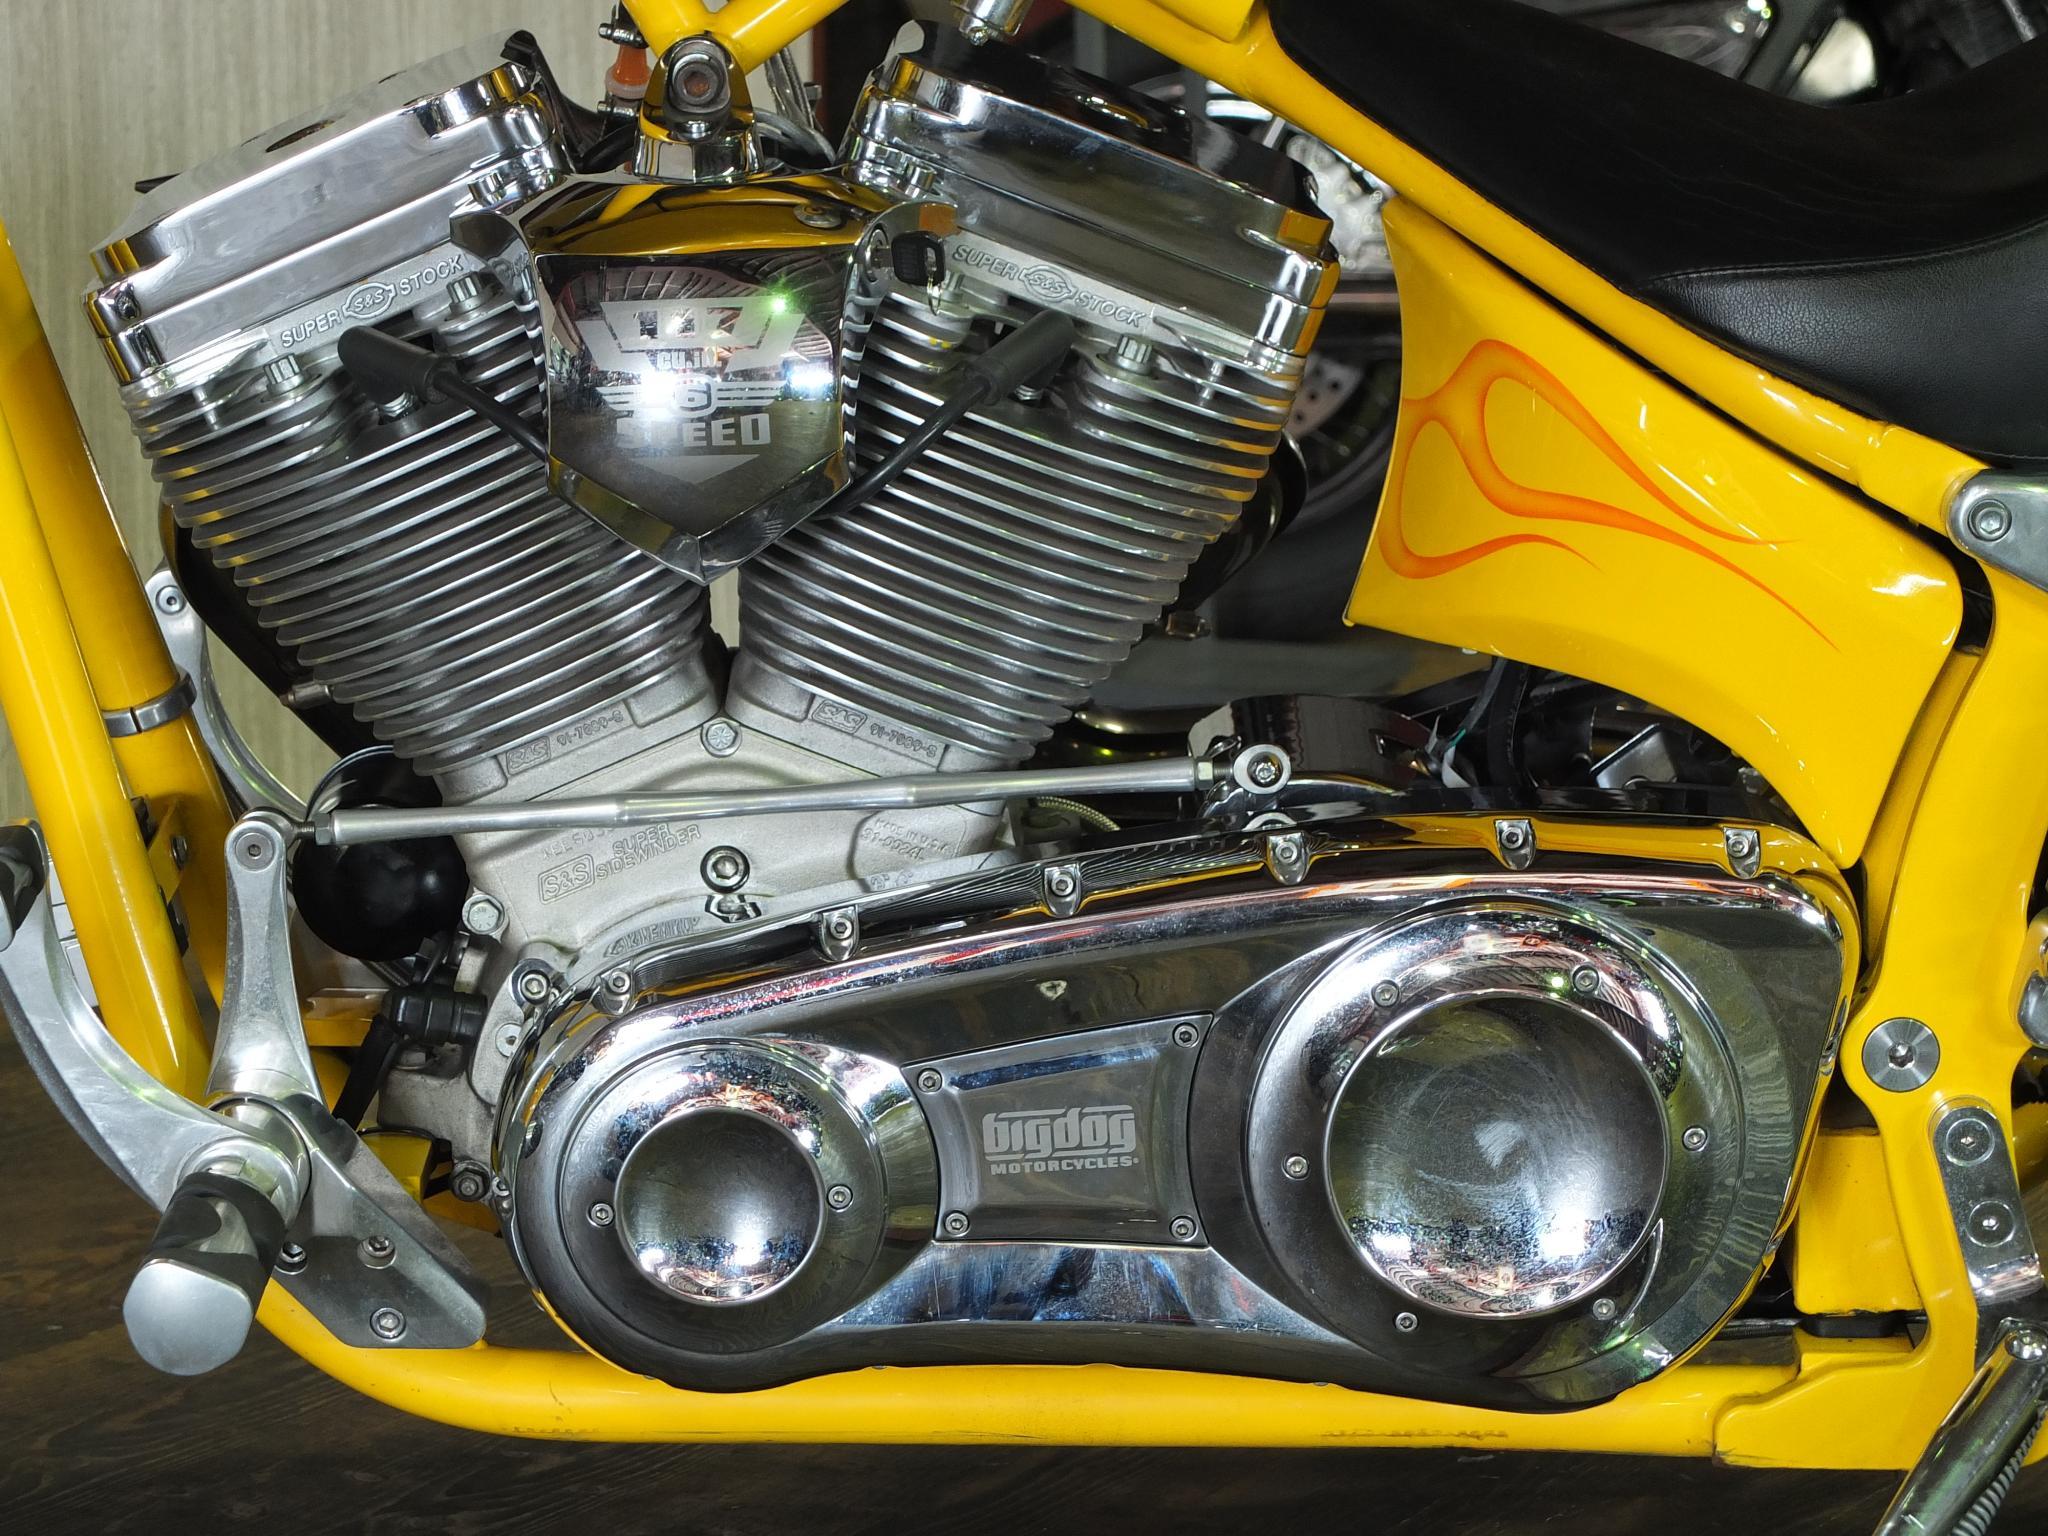 ハーレーダビッドソン 2005 Big Dog Chopper 車体写真8